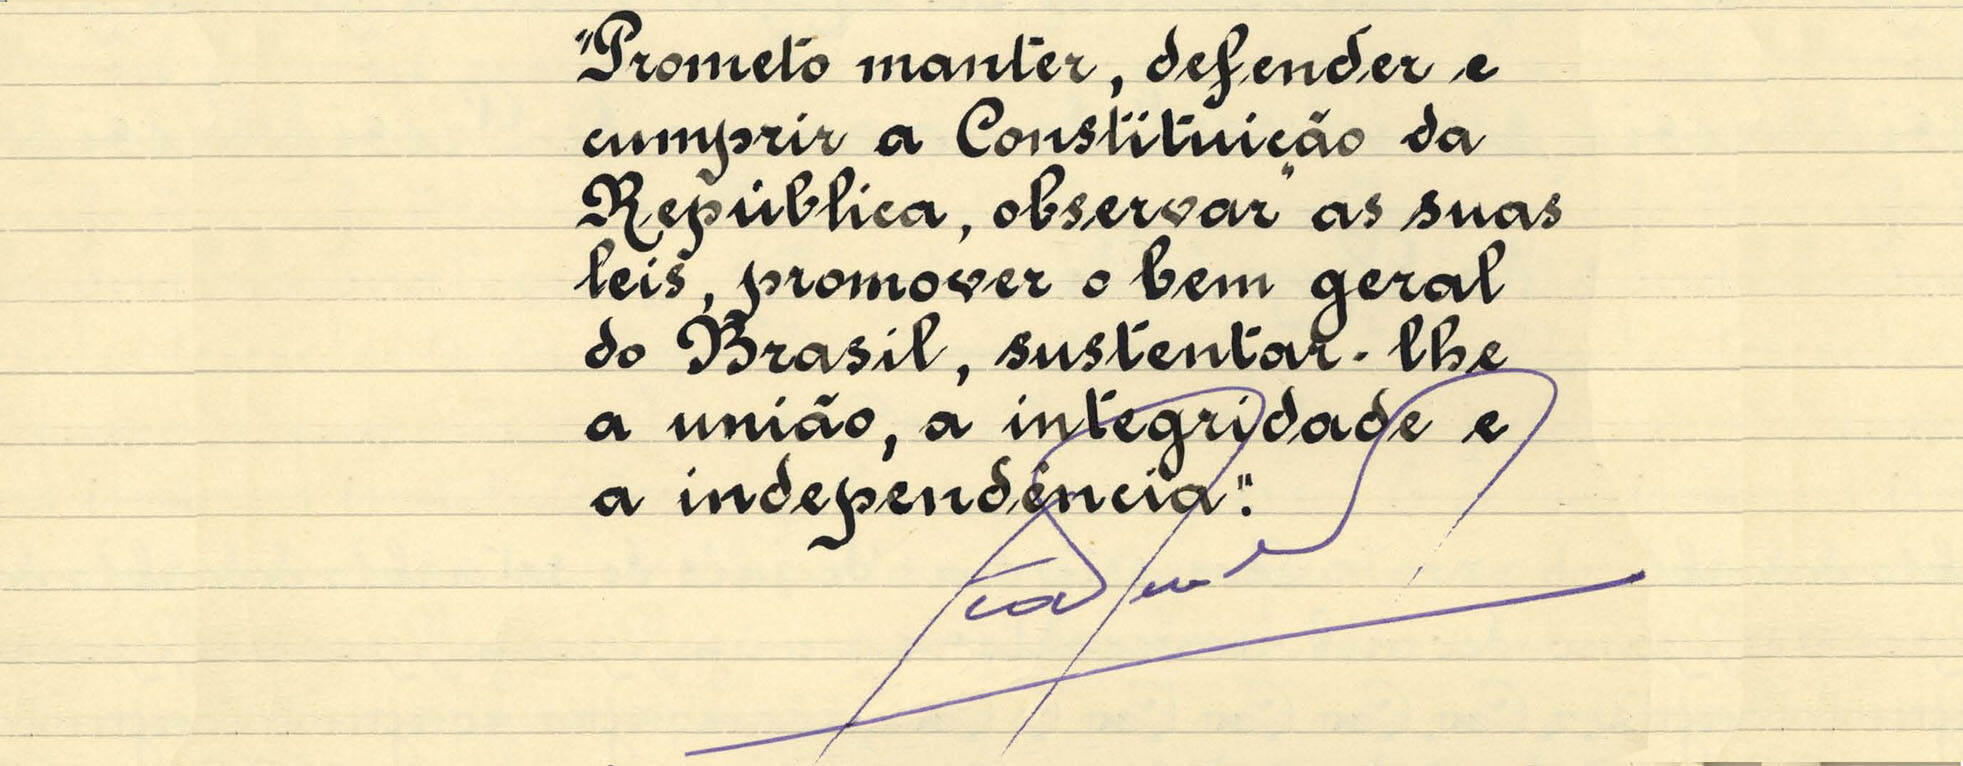 Após uma prolongada crise política, João Goulart foi empossado em setembro de 1961. Foto: Reprodução / Senado Federal